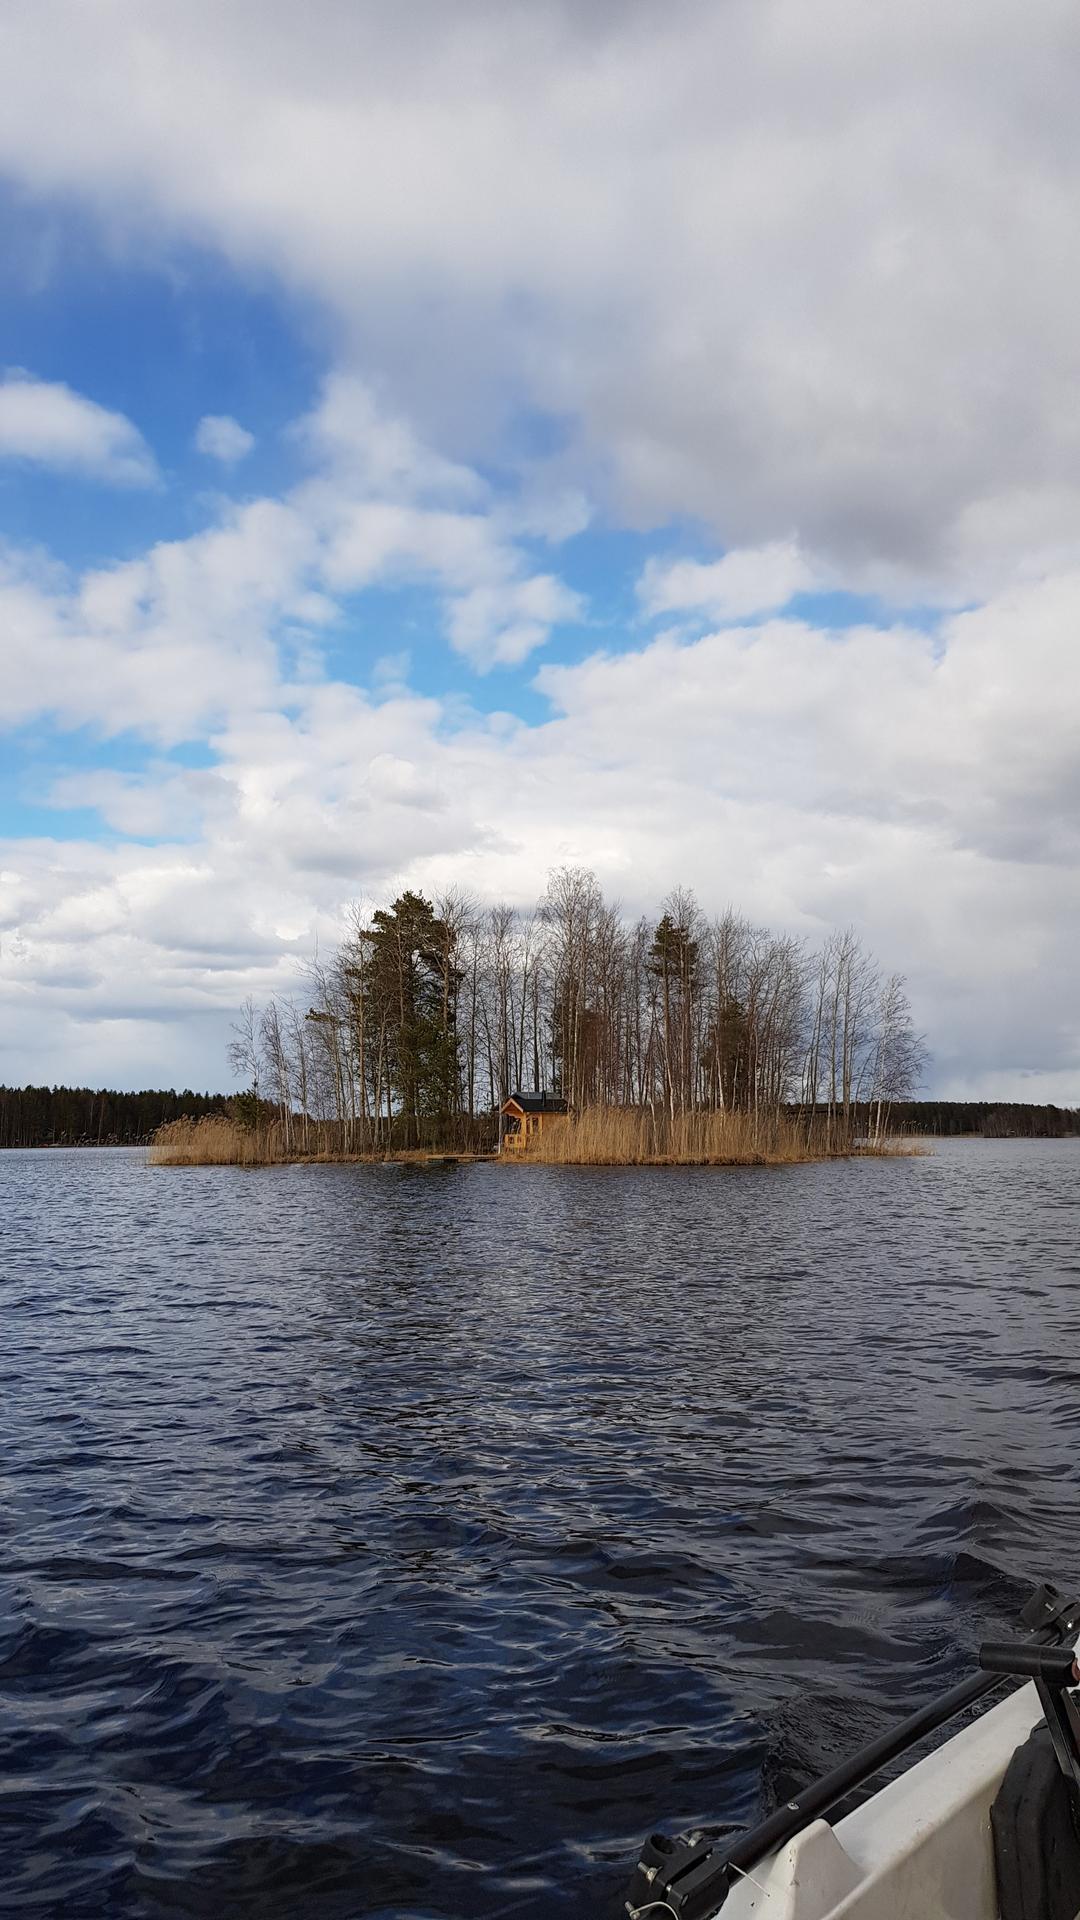 Saarimökki - Obrázek č. 134